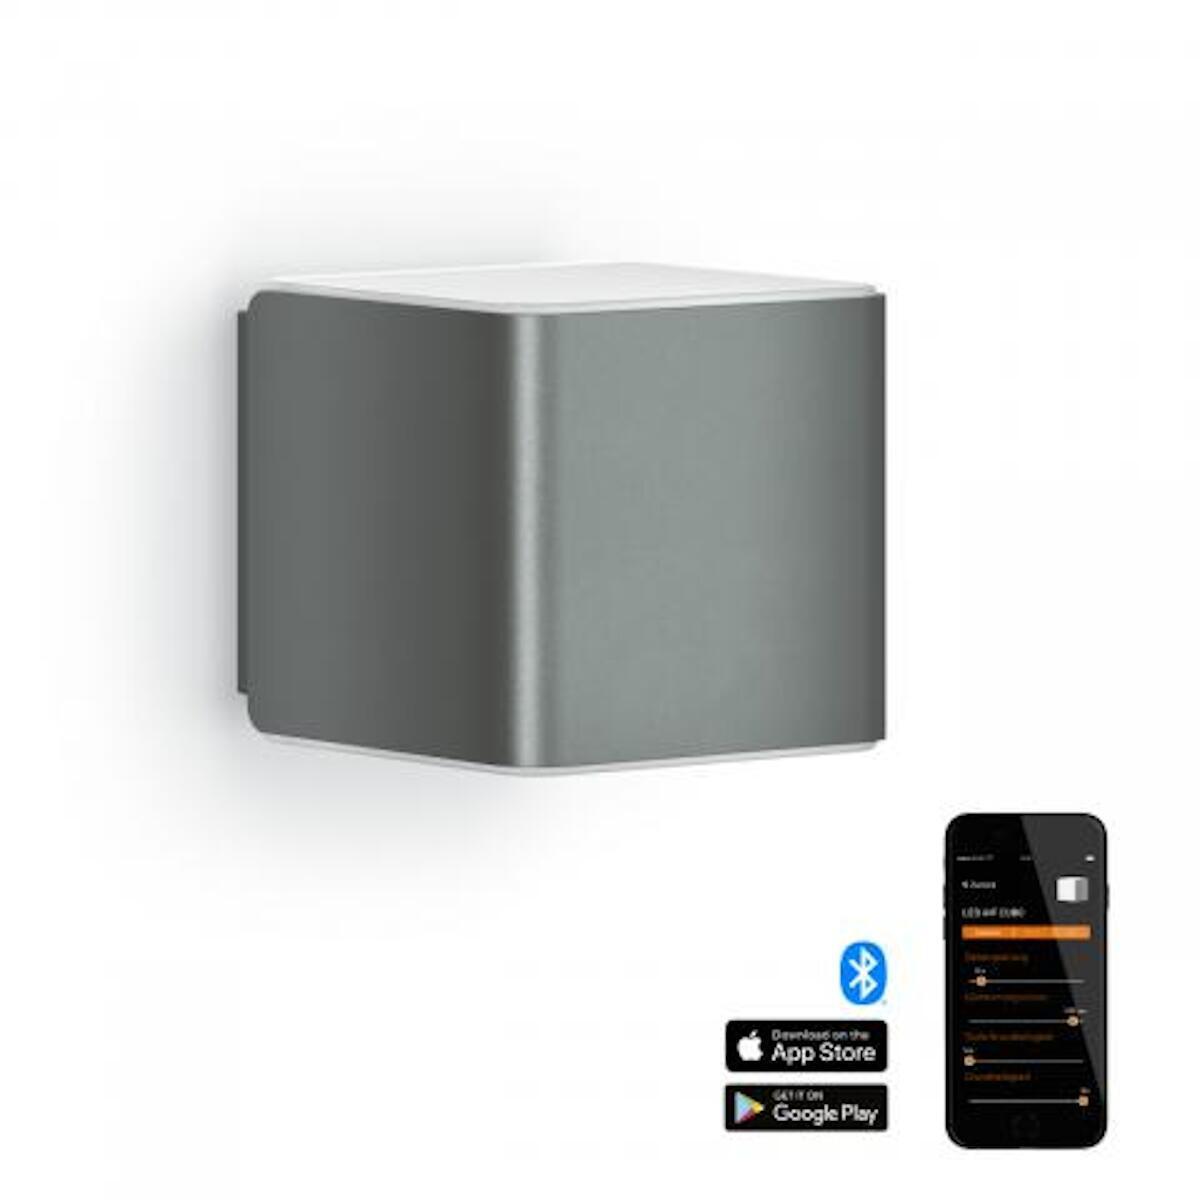 Applique L 840 LED integrato con sensore di movimento, grigio, 9.5W 305LM IP44 STEINEL - 5